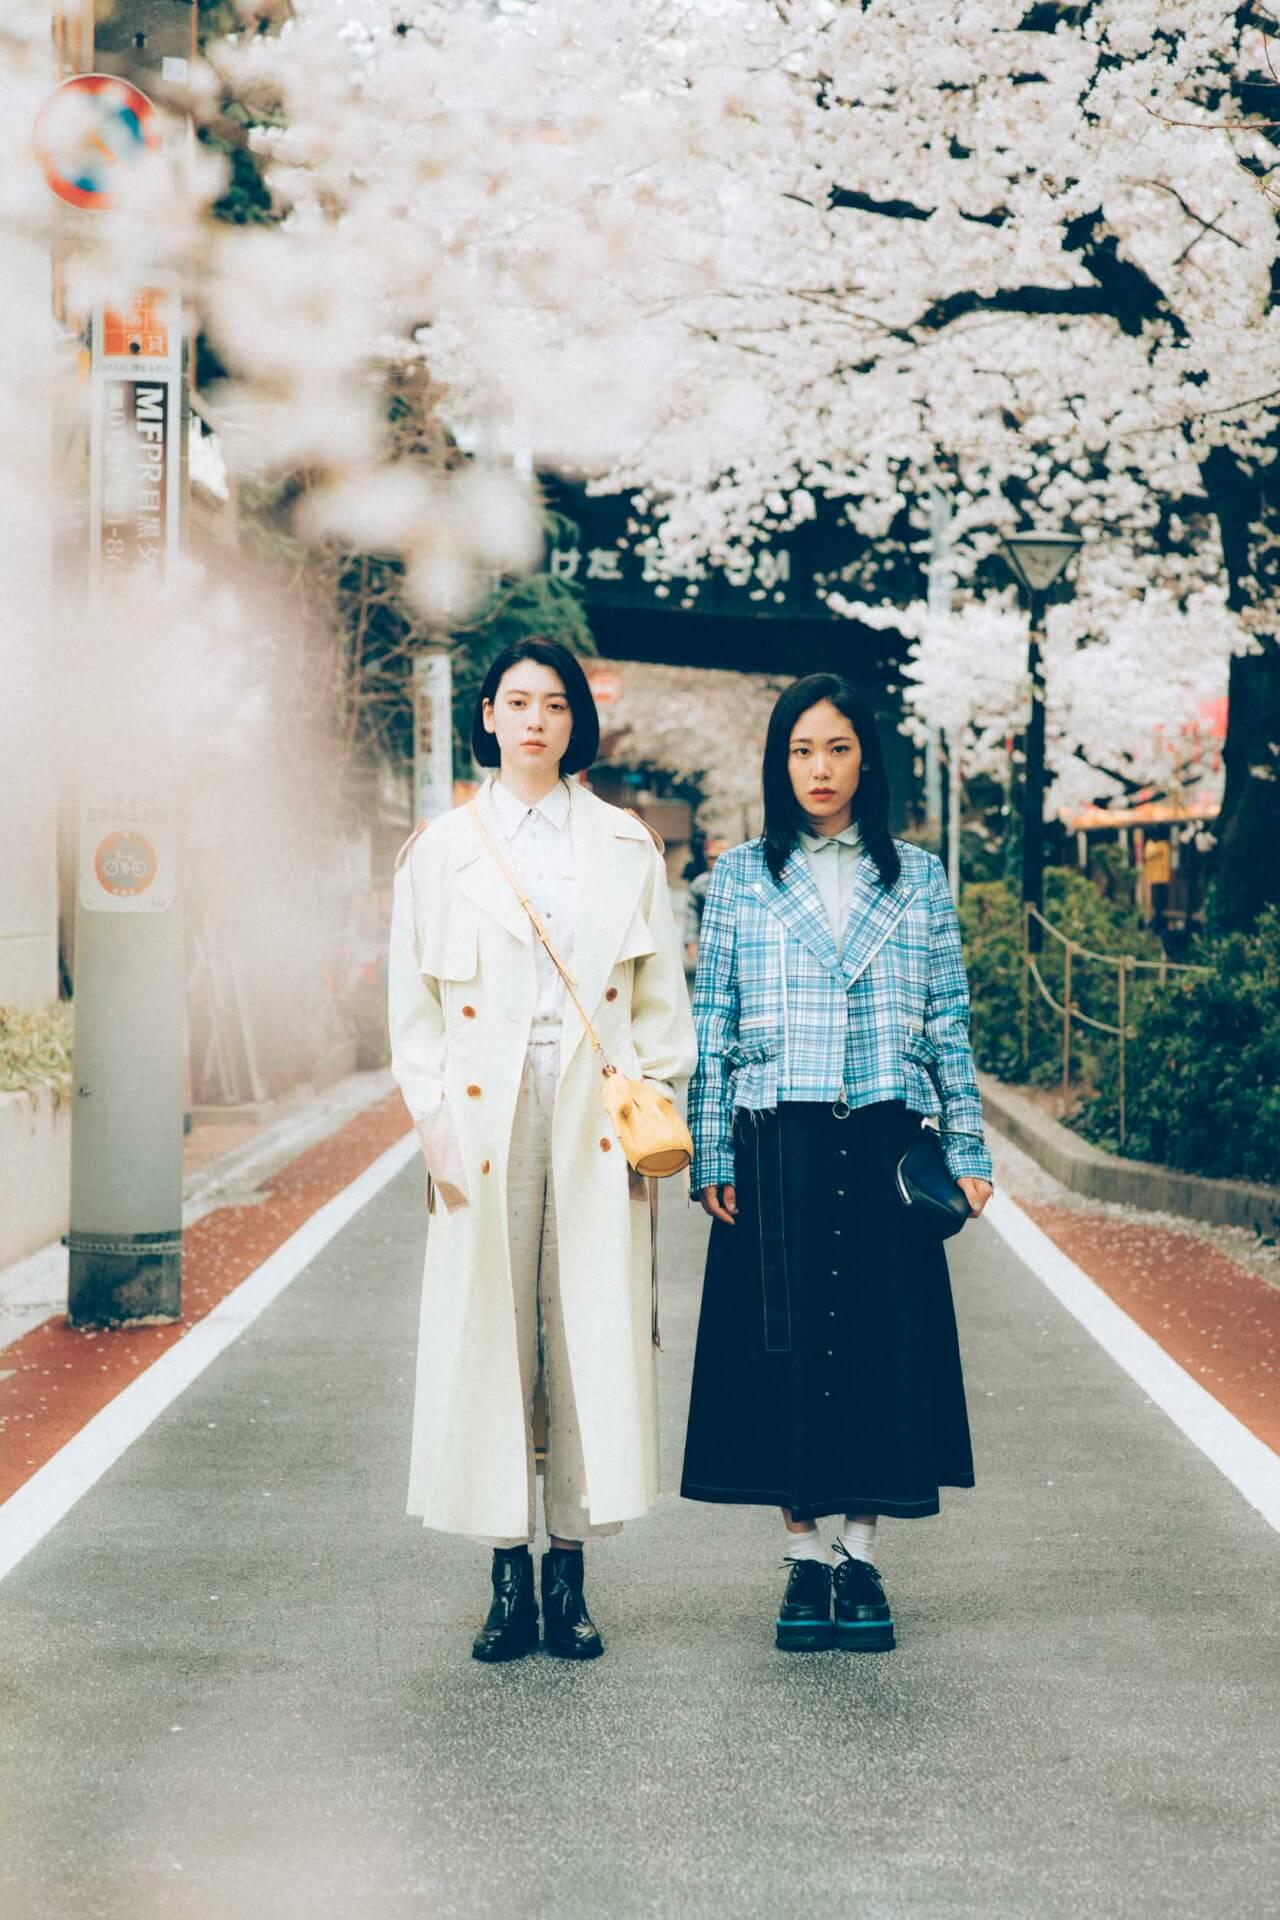 三吉彩花&阿部純子W主演映画『Daughters』が9月公開決定 追加キャストに黒谷友香や大塚寧々ら film200521-daughters-1